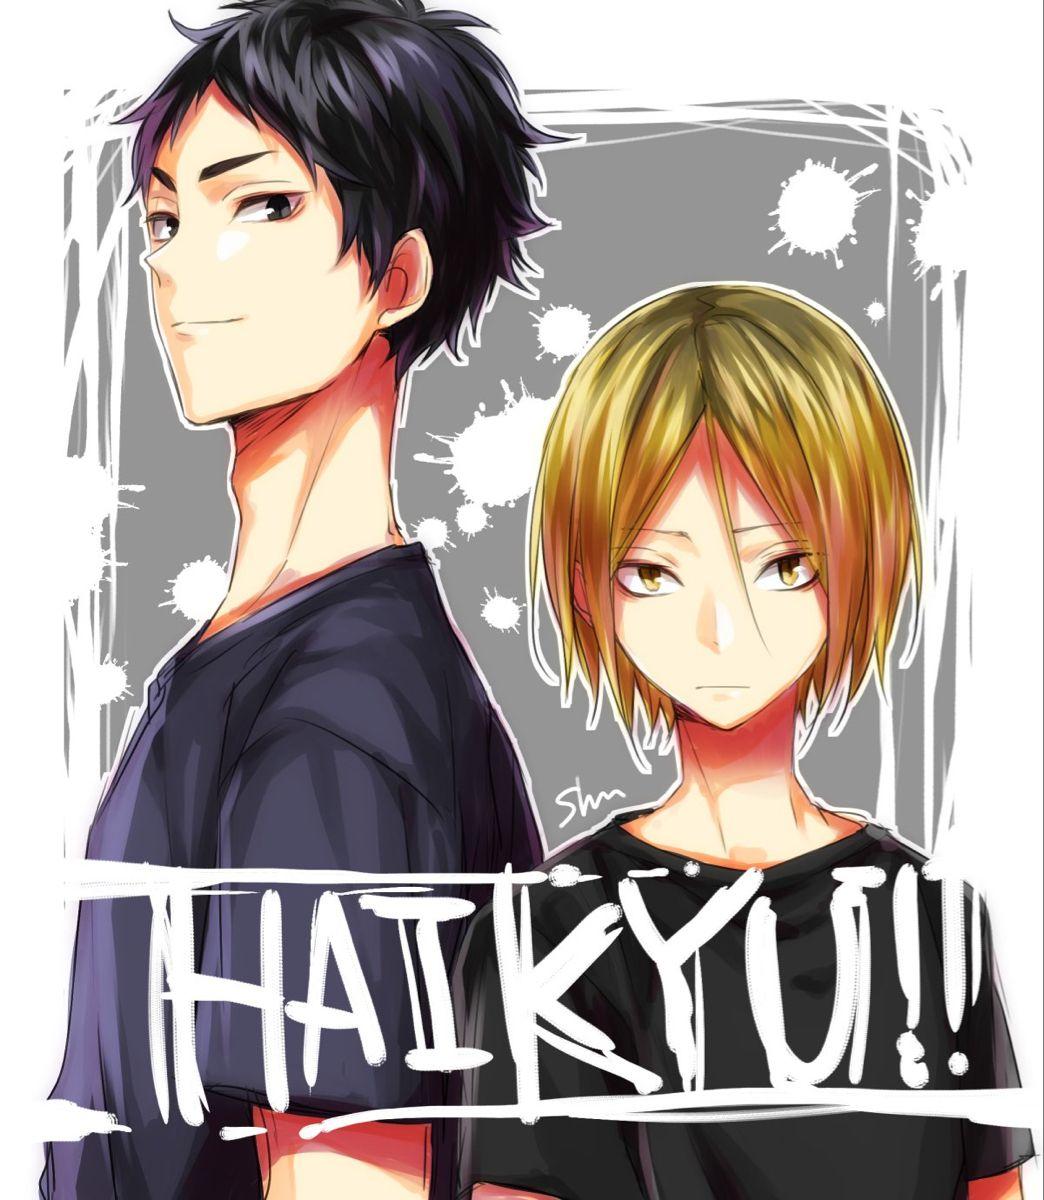 隼 on Twitter in 2020 Haikyuu anime, Haikyuu, Kenma